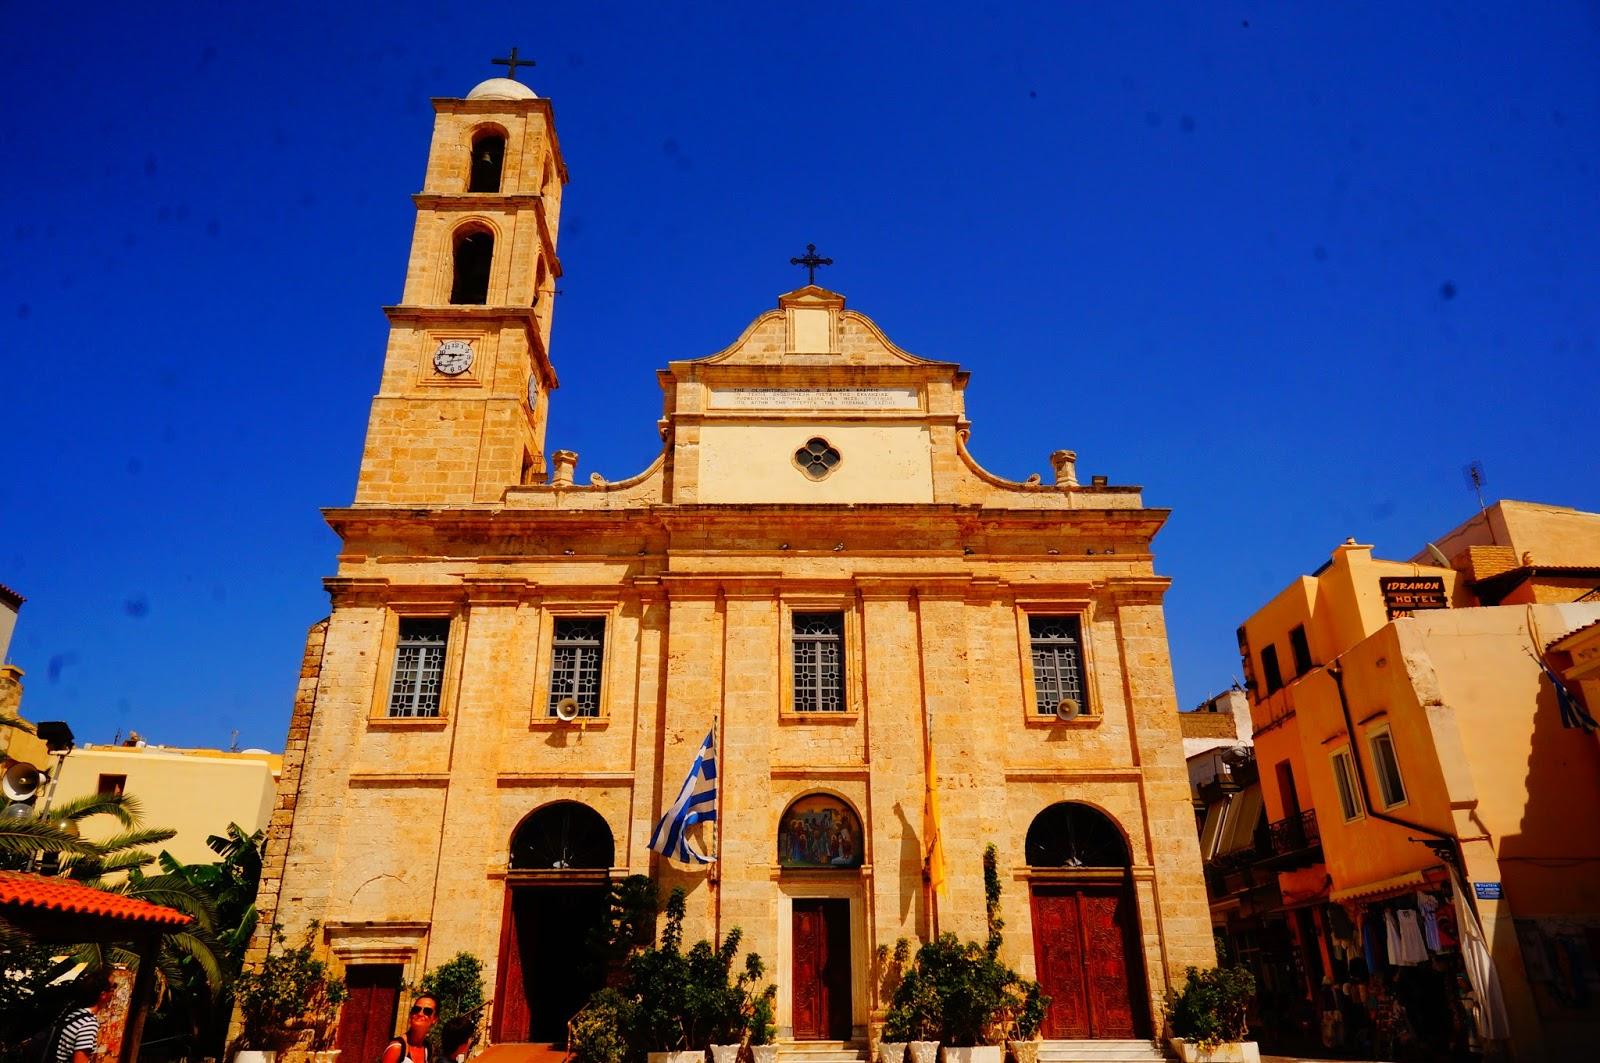 Кафедральный собор Трёх Мучеников